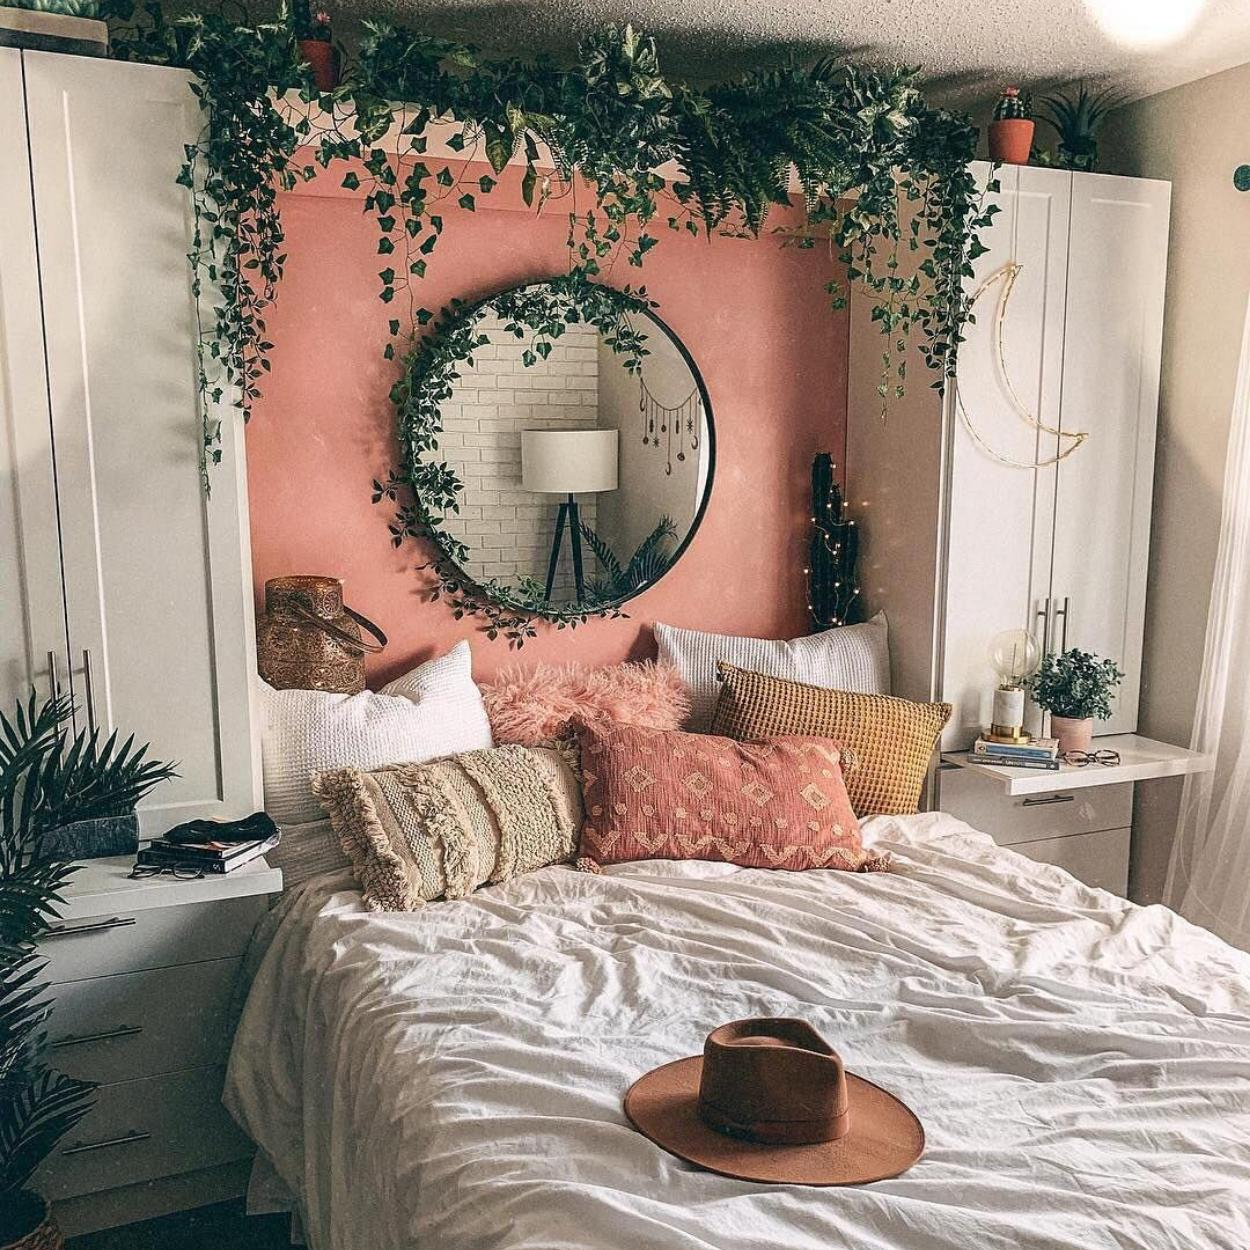 Confira plantas para quarto e ideias de decoração.